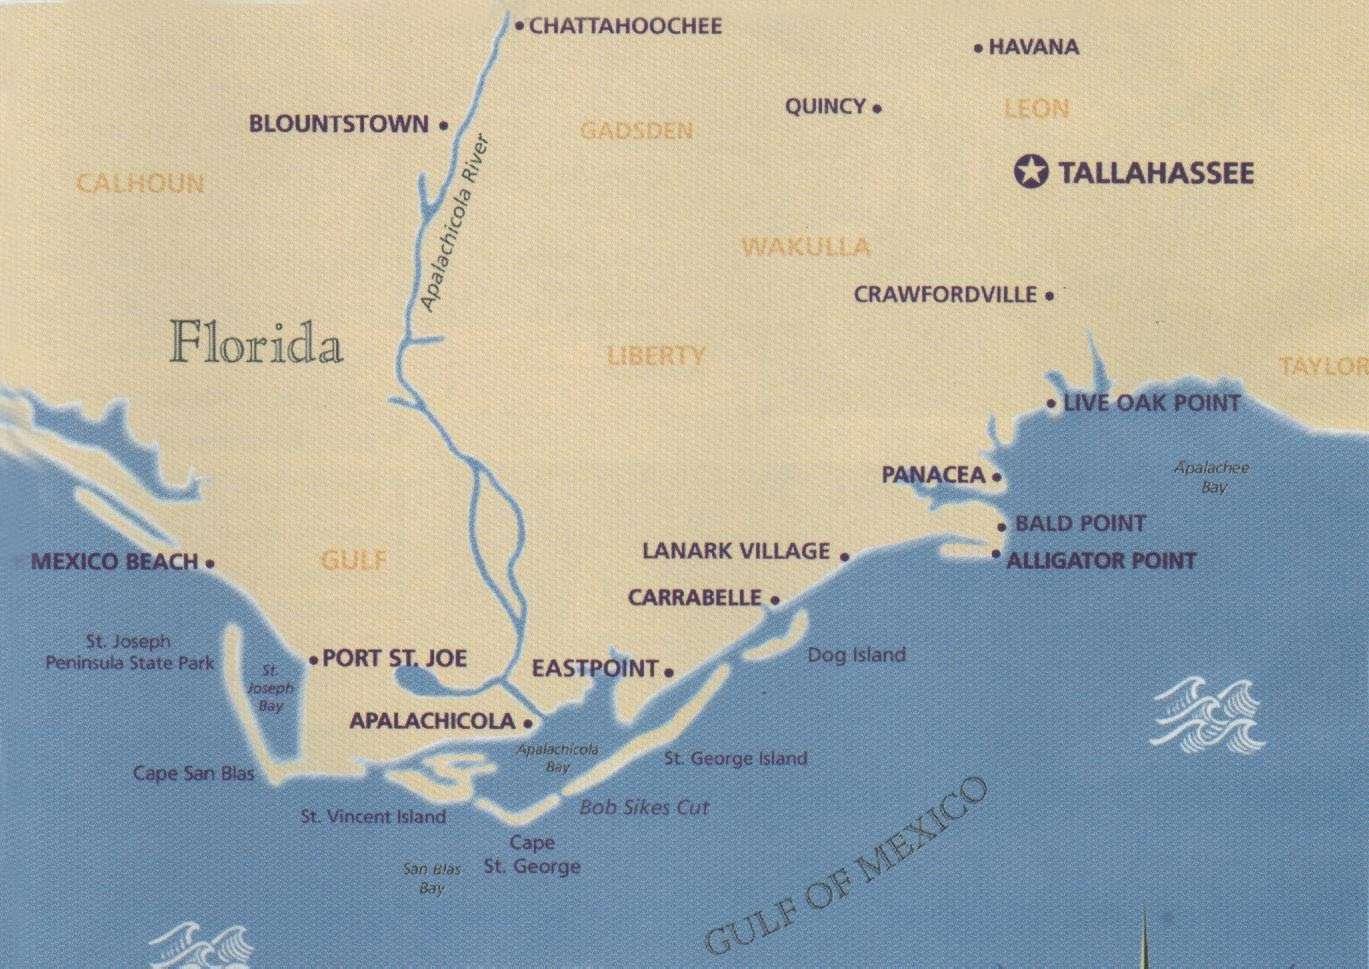 Coastal Gems Real Estate: Carrabelle, Fl- St. George Island, Fl - Carrabelle Florida Map